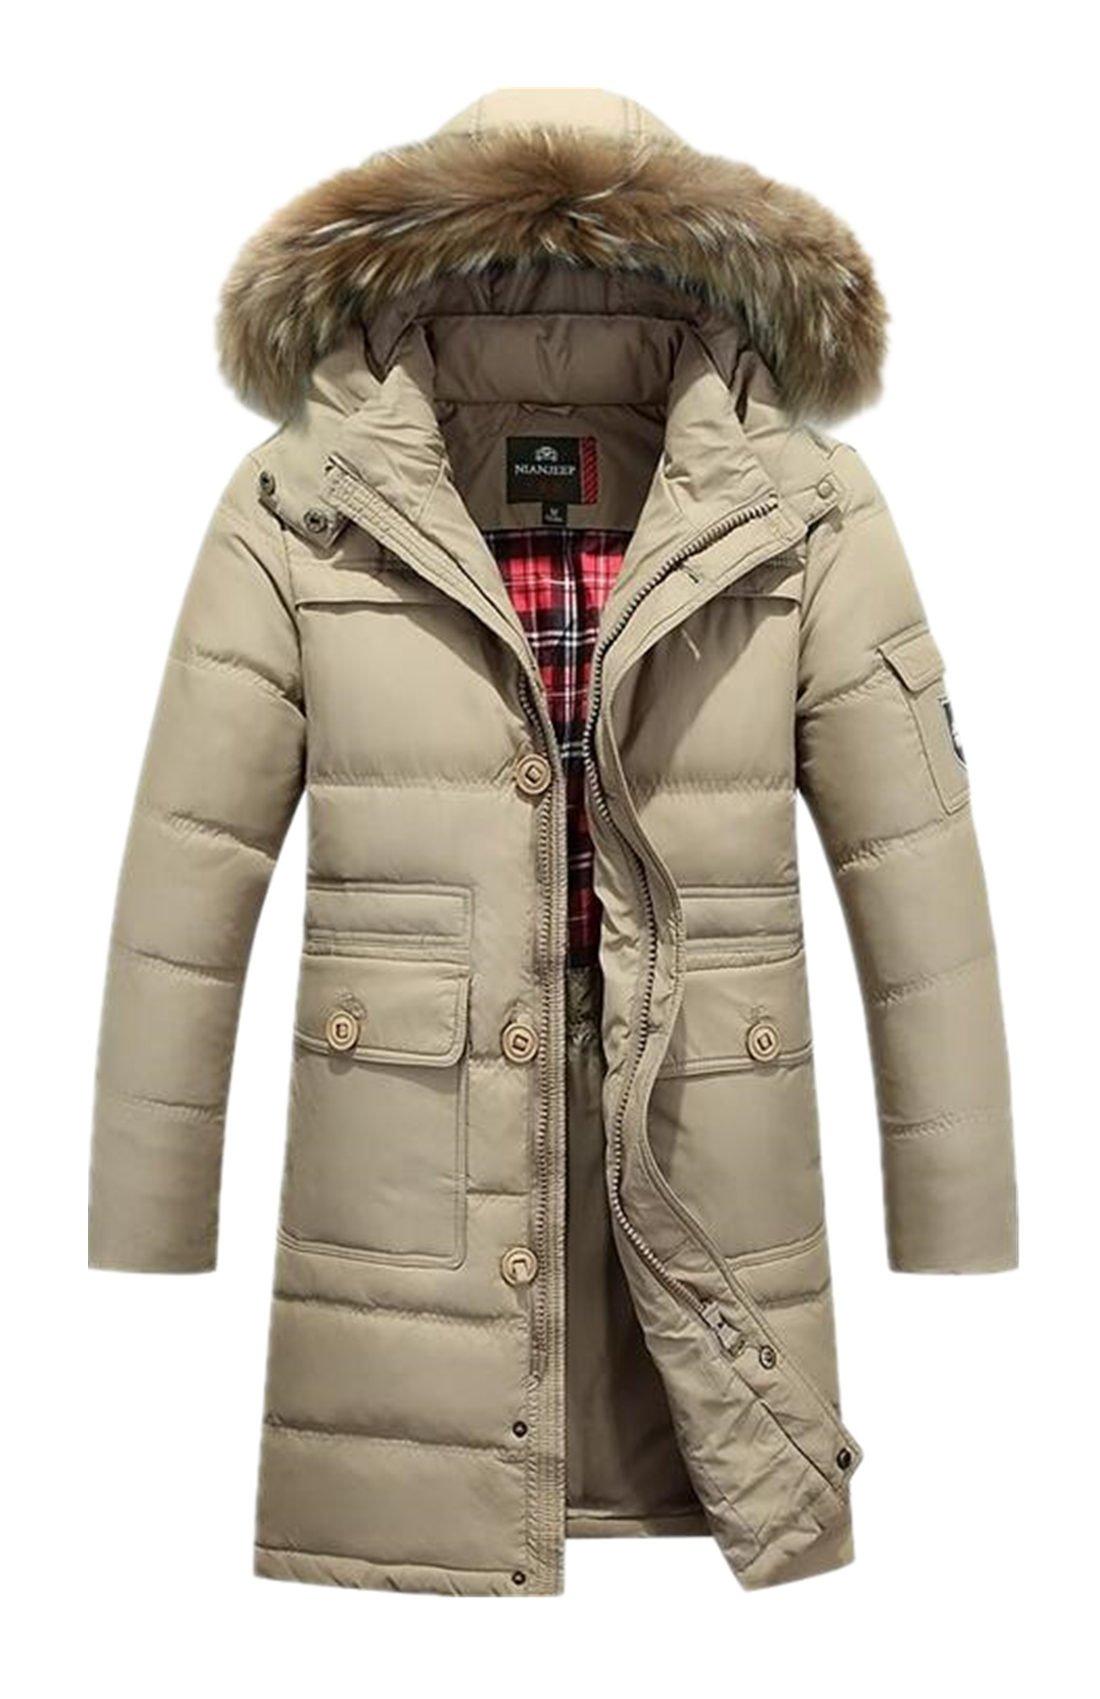 Lingswallow Men's Winter Thicken Khaki Faux Fur Hooded Long Down Jacket Coat